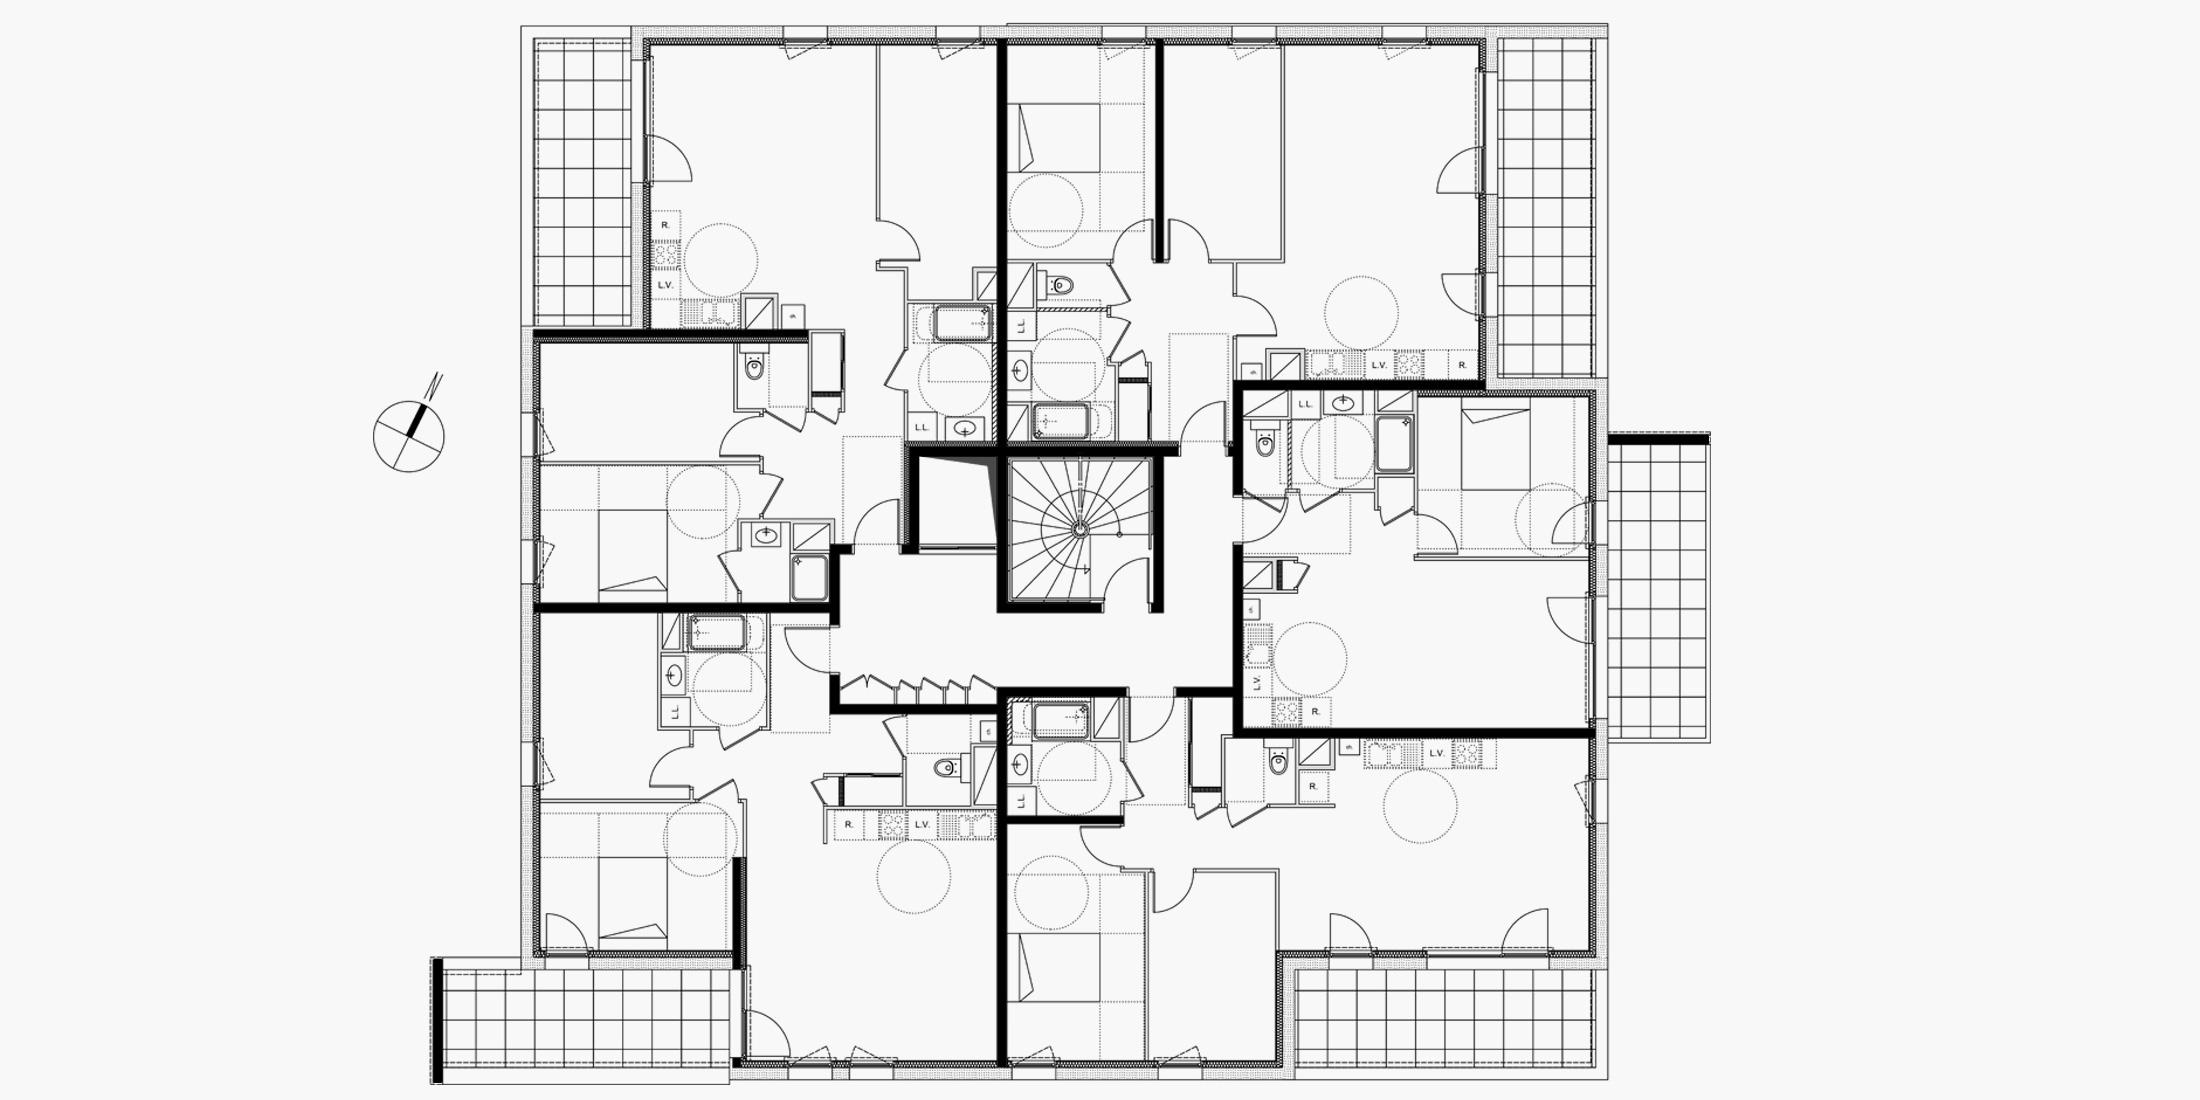 Plan pour permis de construire maison, garage, extensions - Savoie Plan - Les Contemporaines